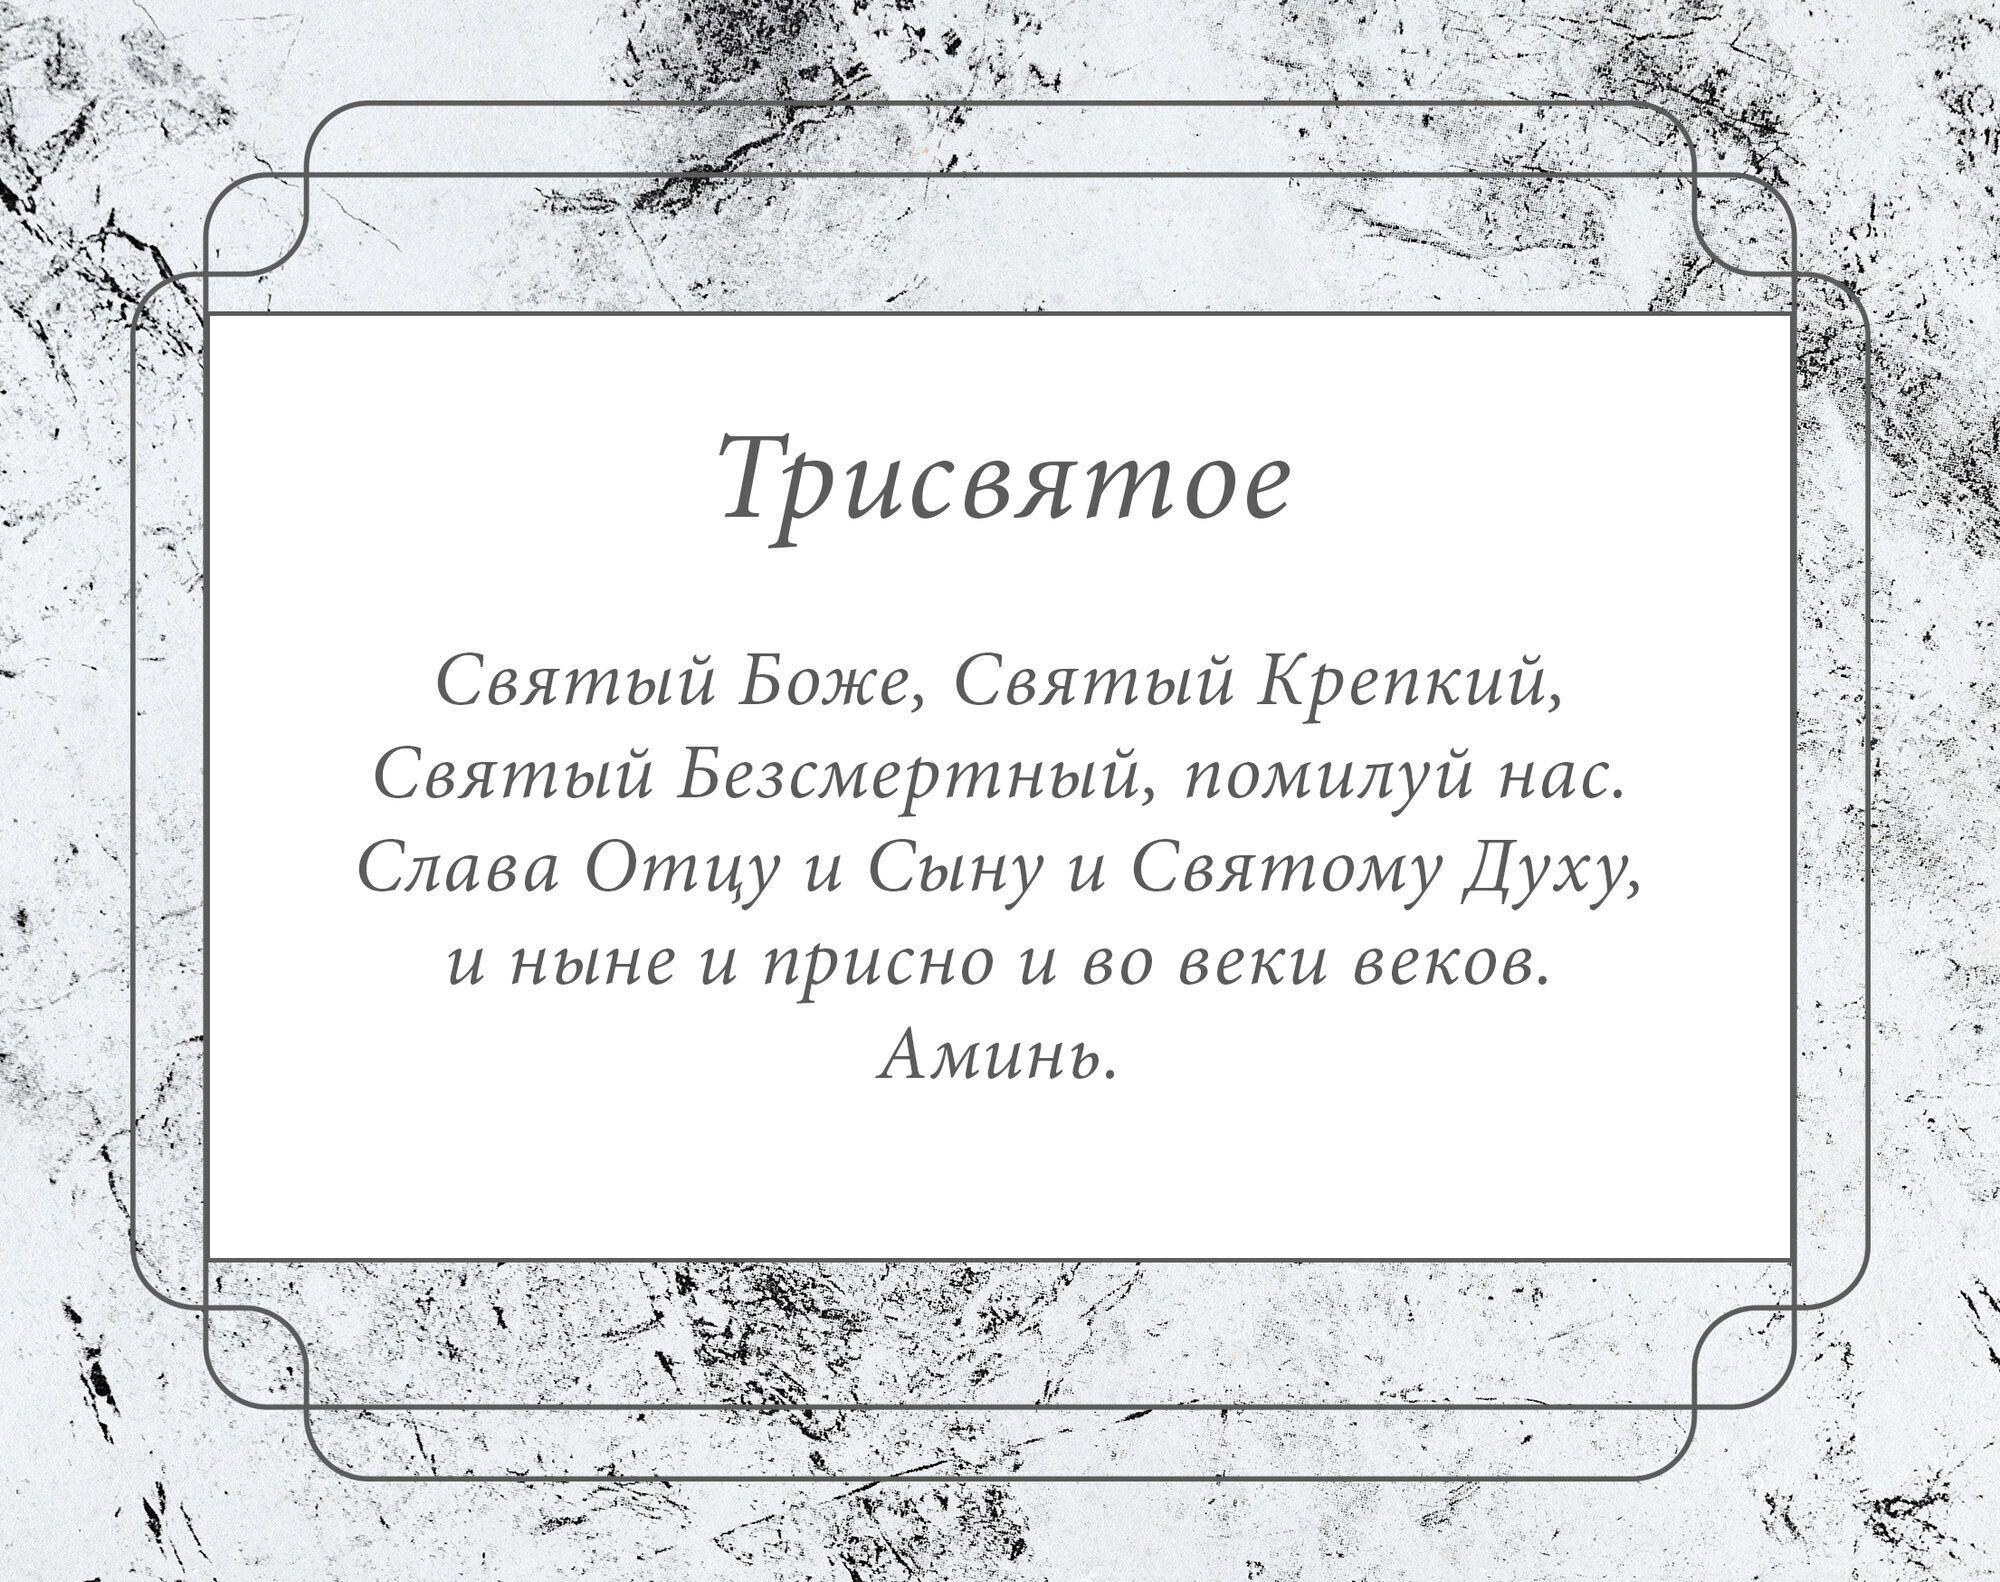 Трисвятое